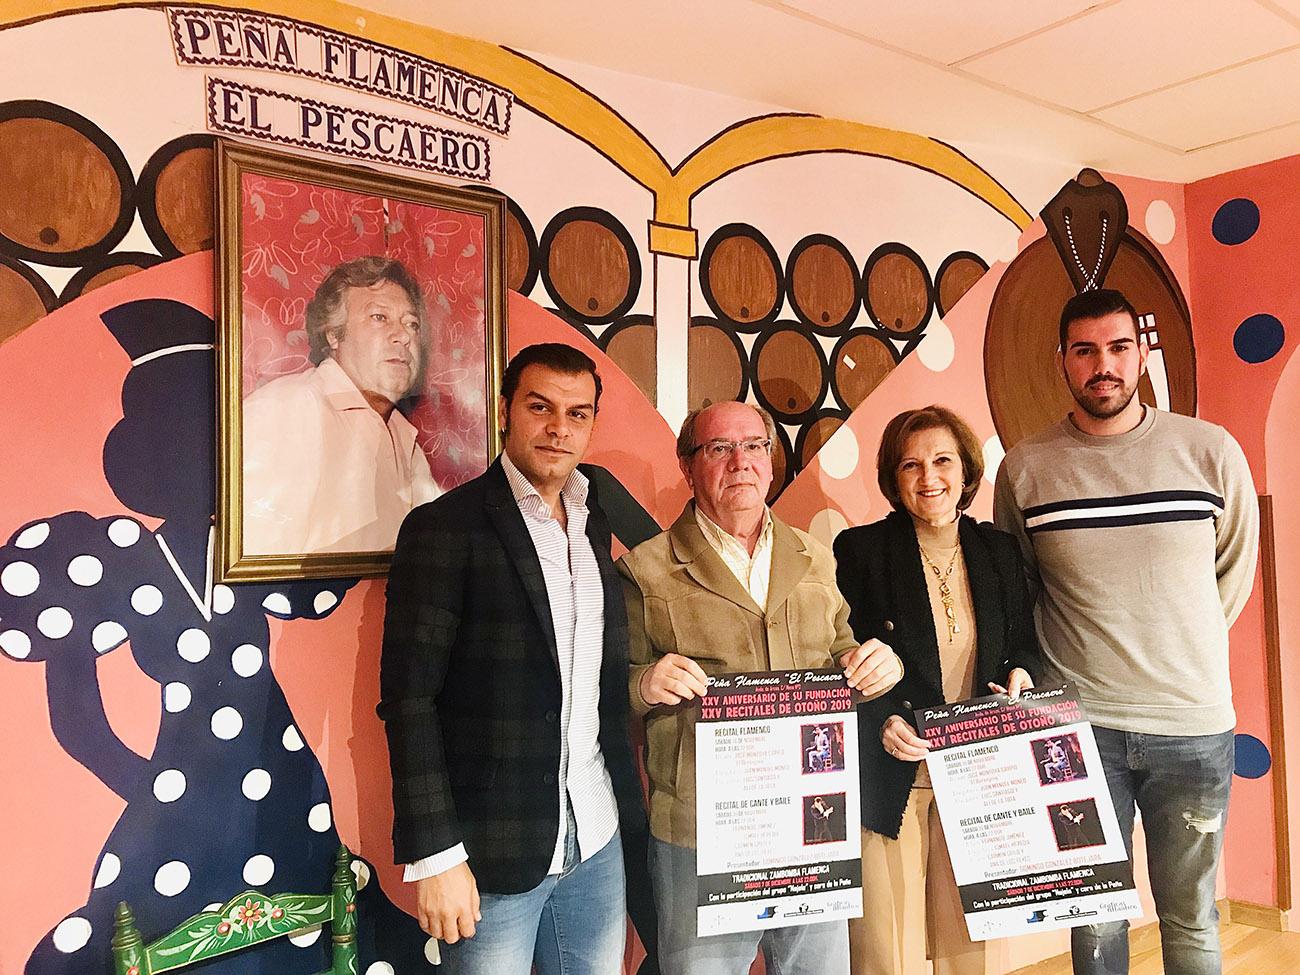 Presentación de la agenda de noviembre en la Peña Flamenca El Pescadero, Jerez. Foto: Juan Garrido